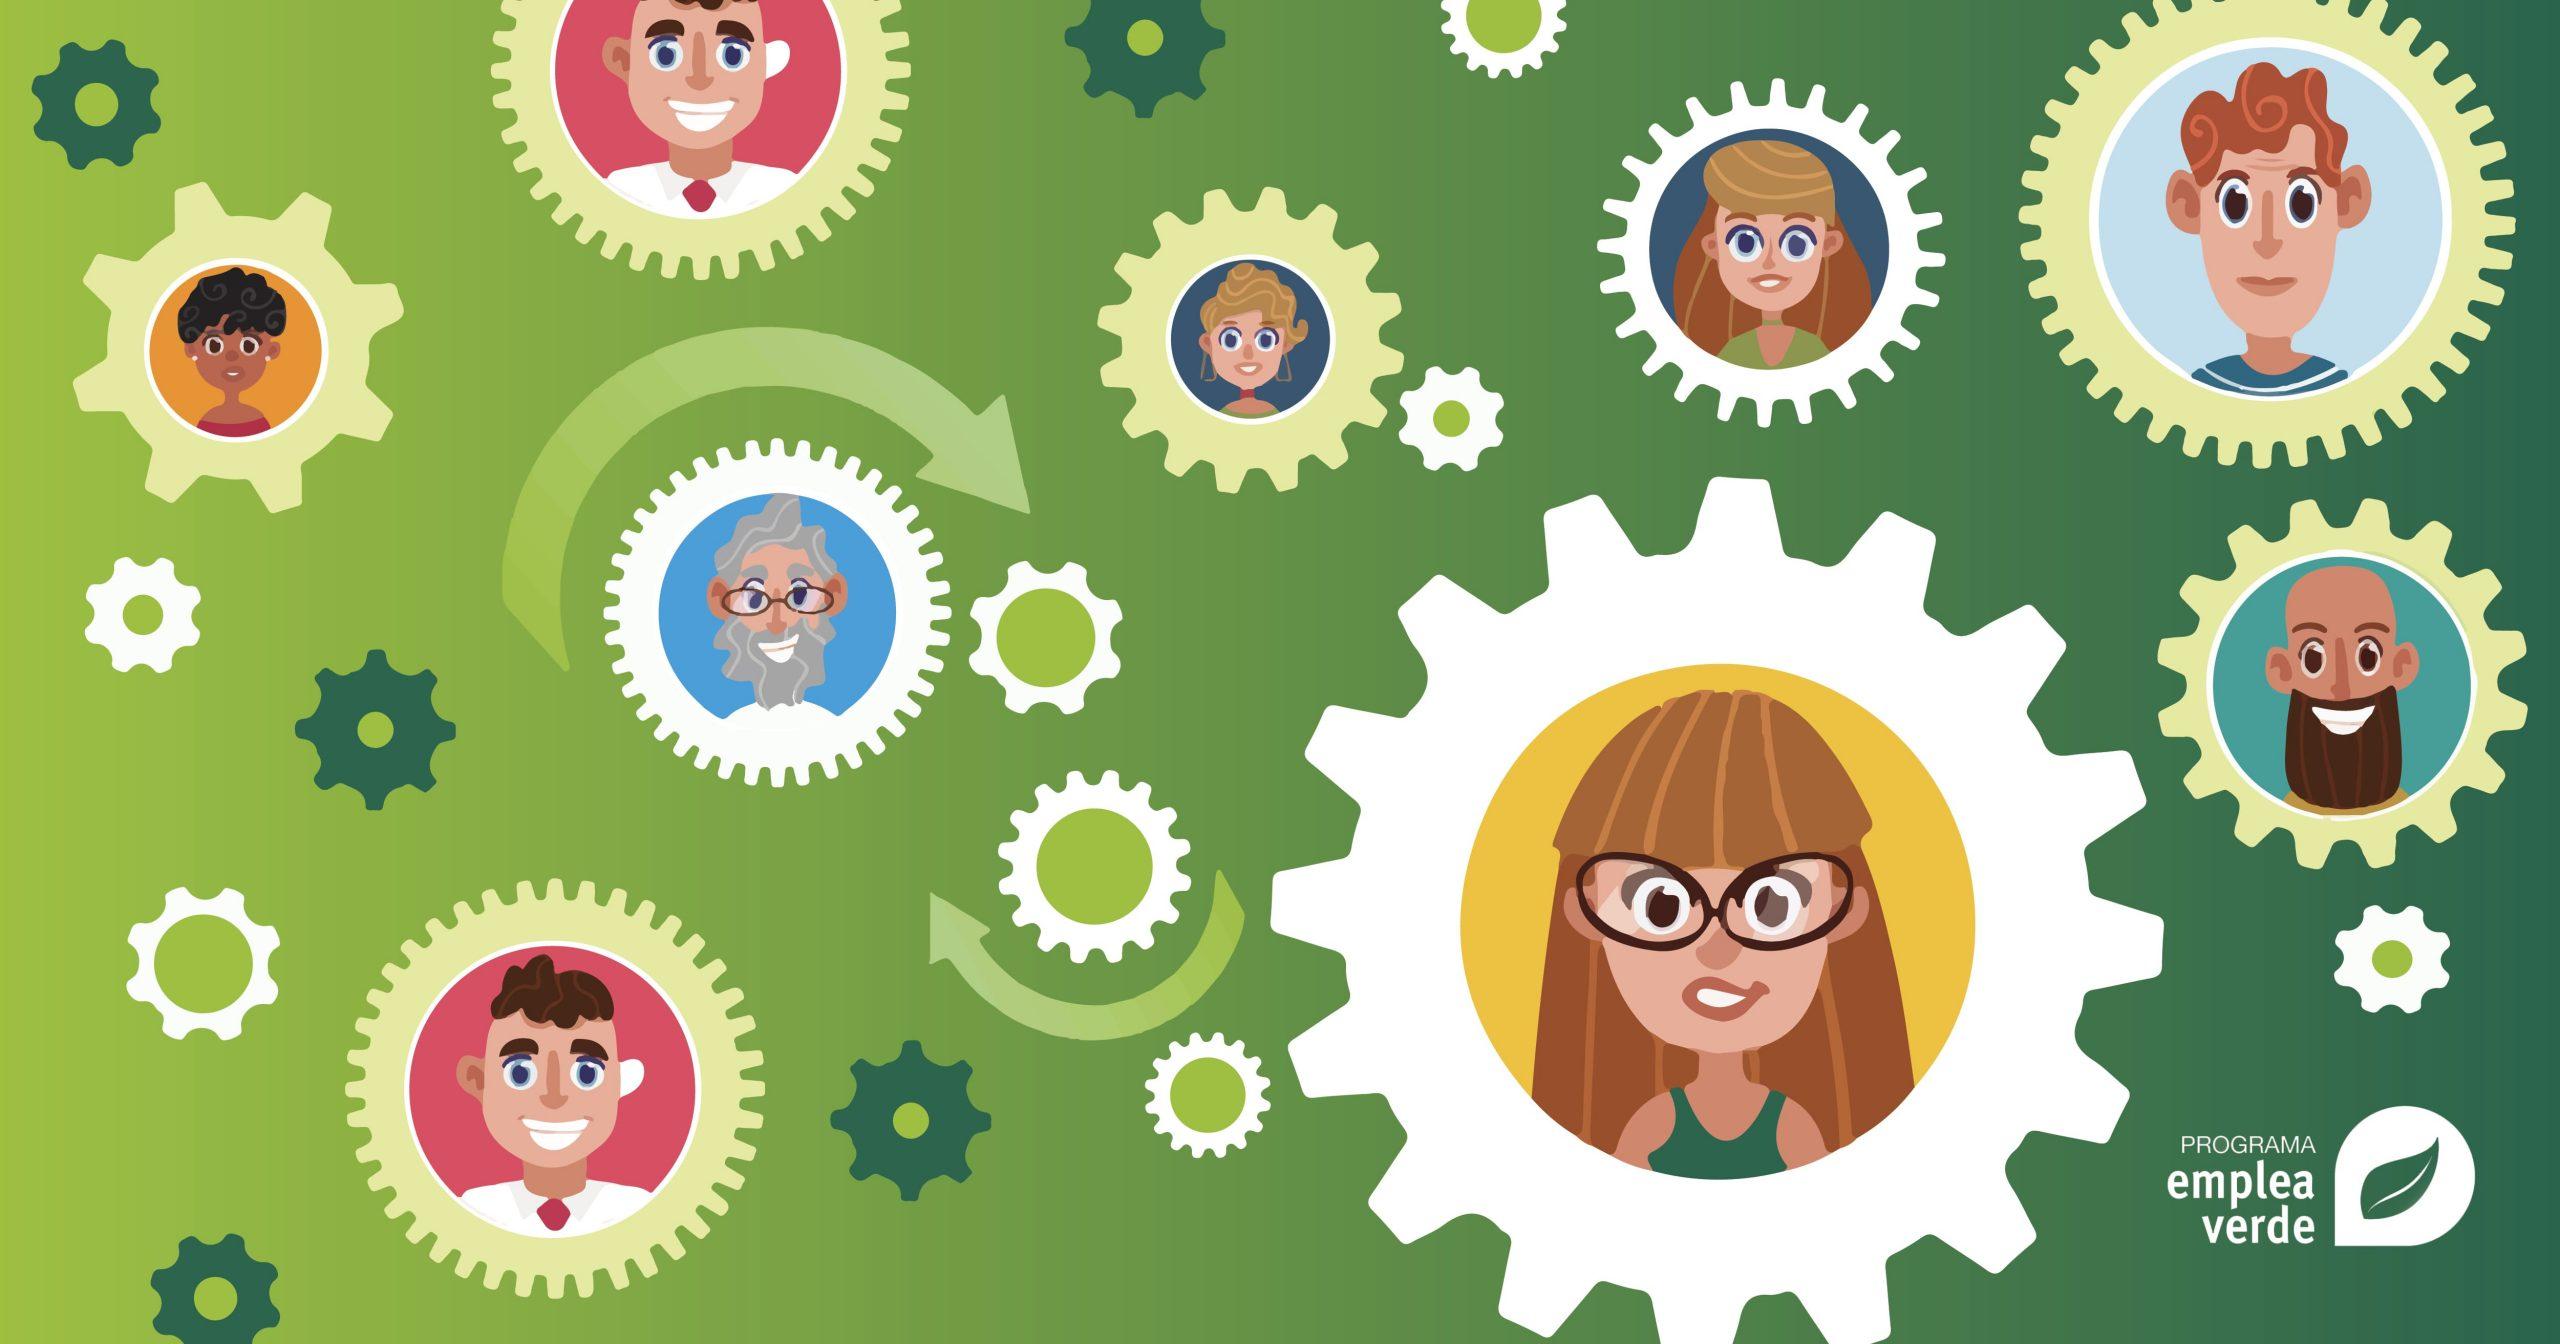 5 herramientas para aplicar la ecoeficiencia en las empresas